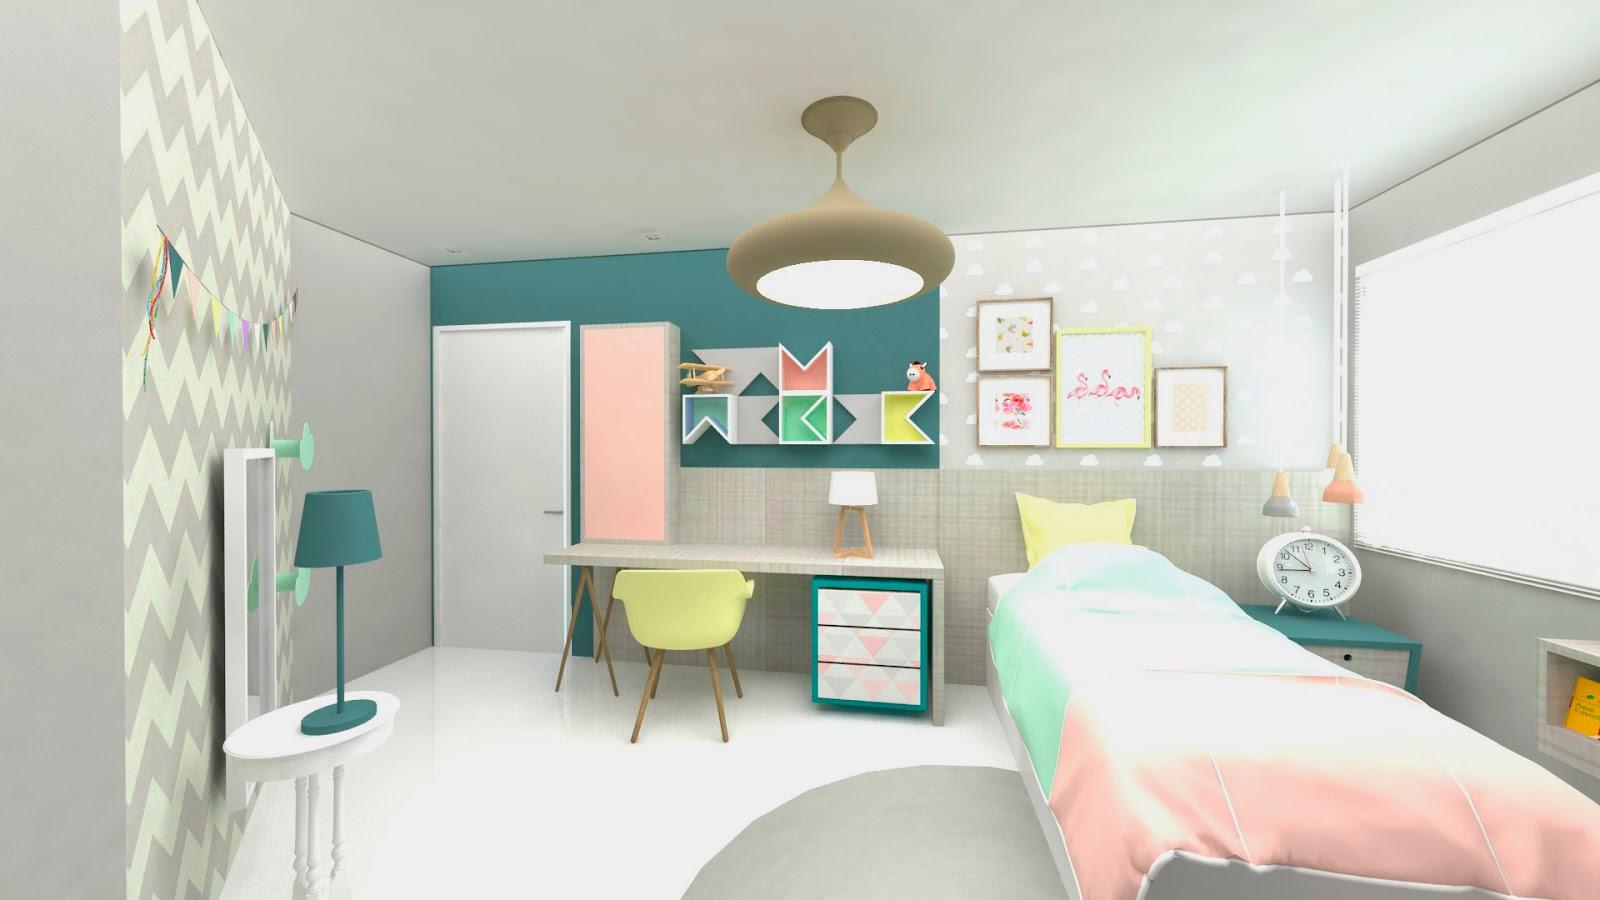 Quarto Infantil Candy Colors Arquiteta Catarina Loder ~ Bancada Quarto Jovem E Quarto Rustico De Bebe